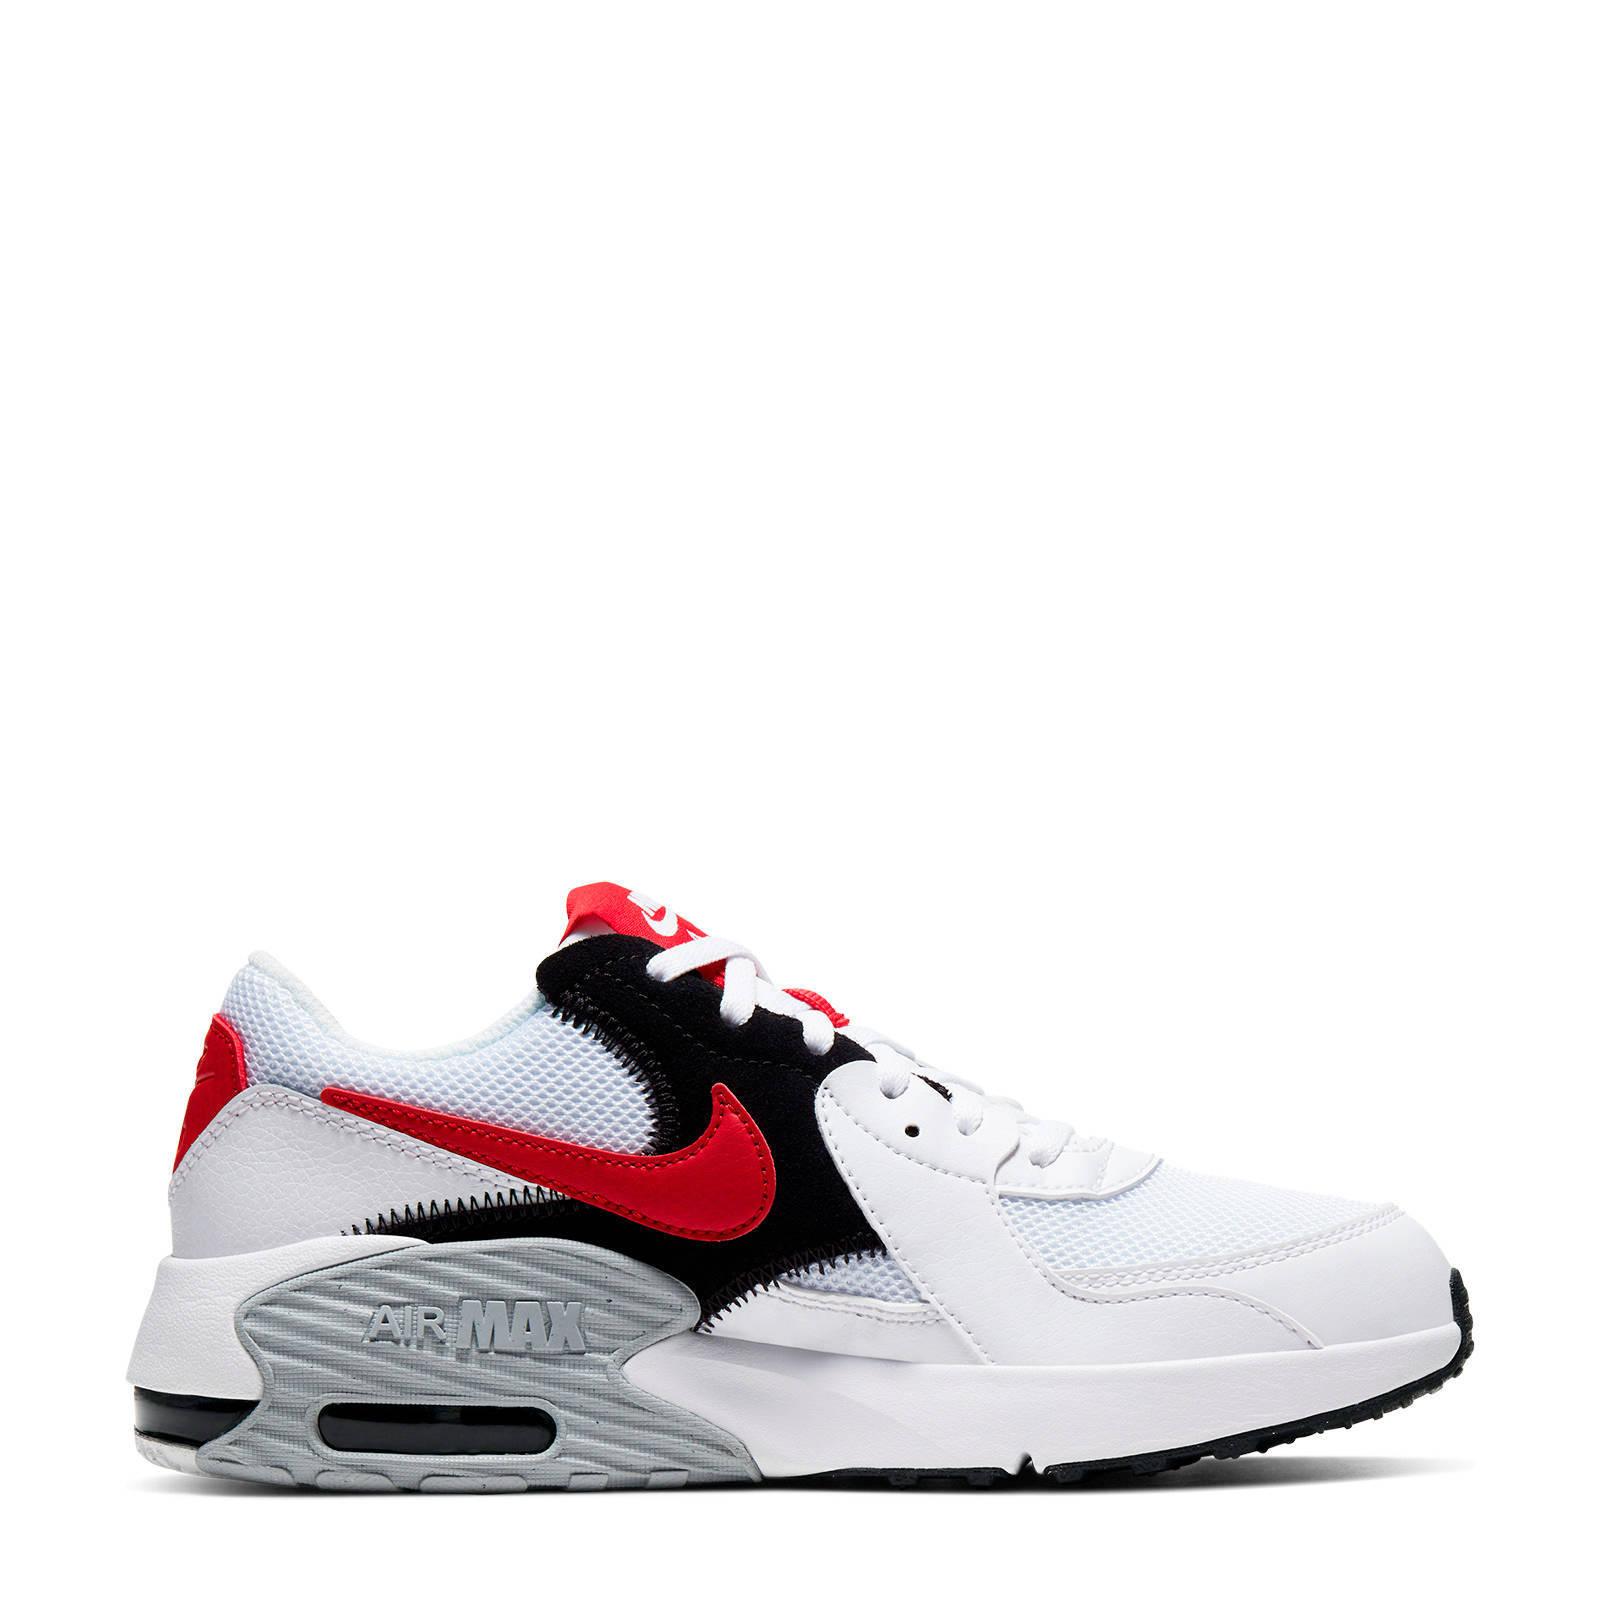 Nike Air Max Excee (GS) sneakers wit/rood/zwart | wehkamp